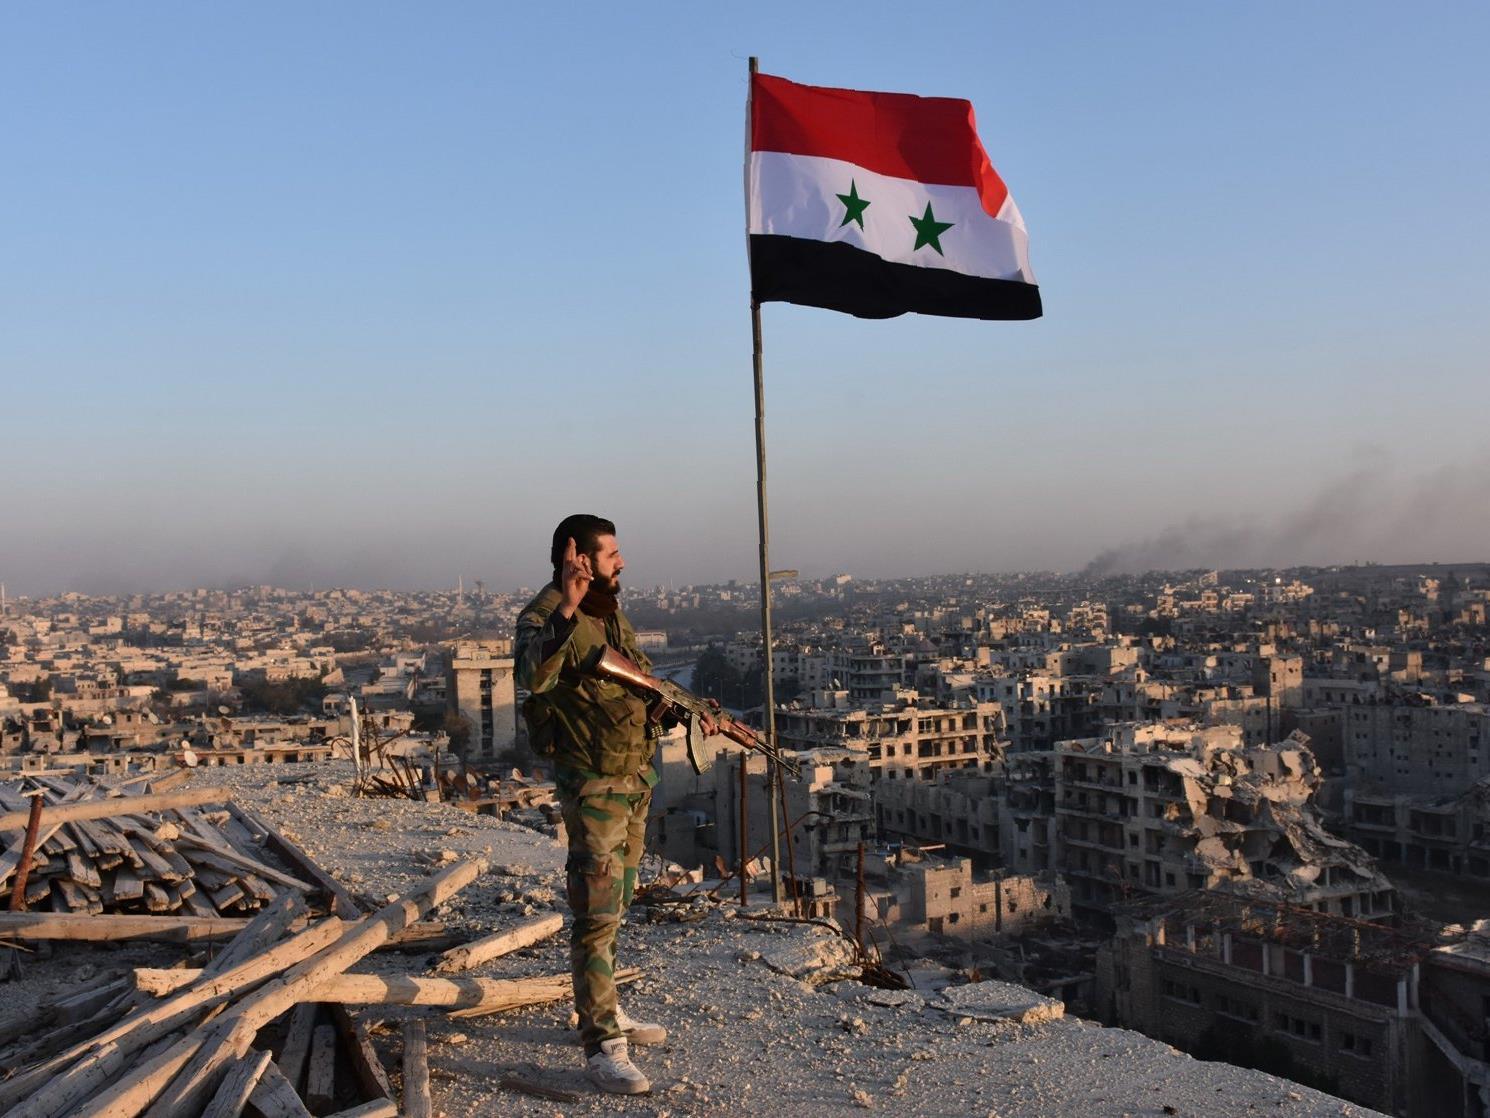 Großstadt in Syrien kurz vor vollständiger Einnahme durch Assad-Truppen.